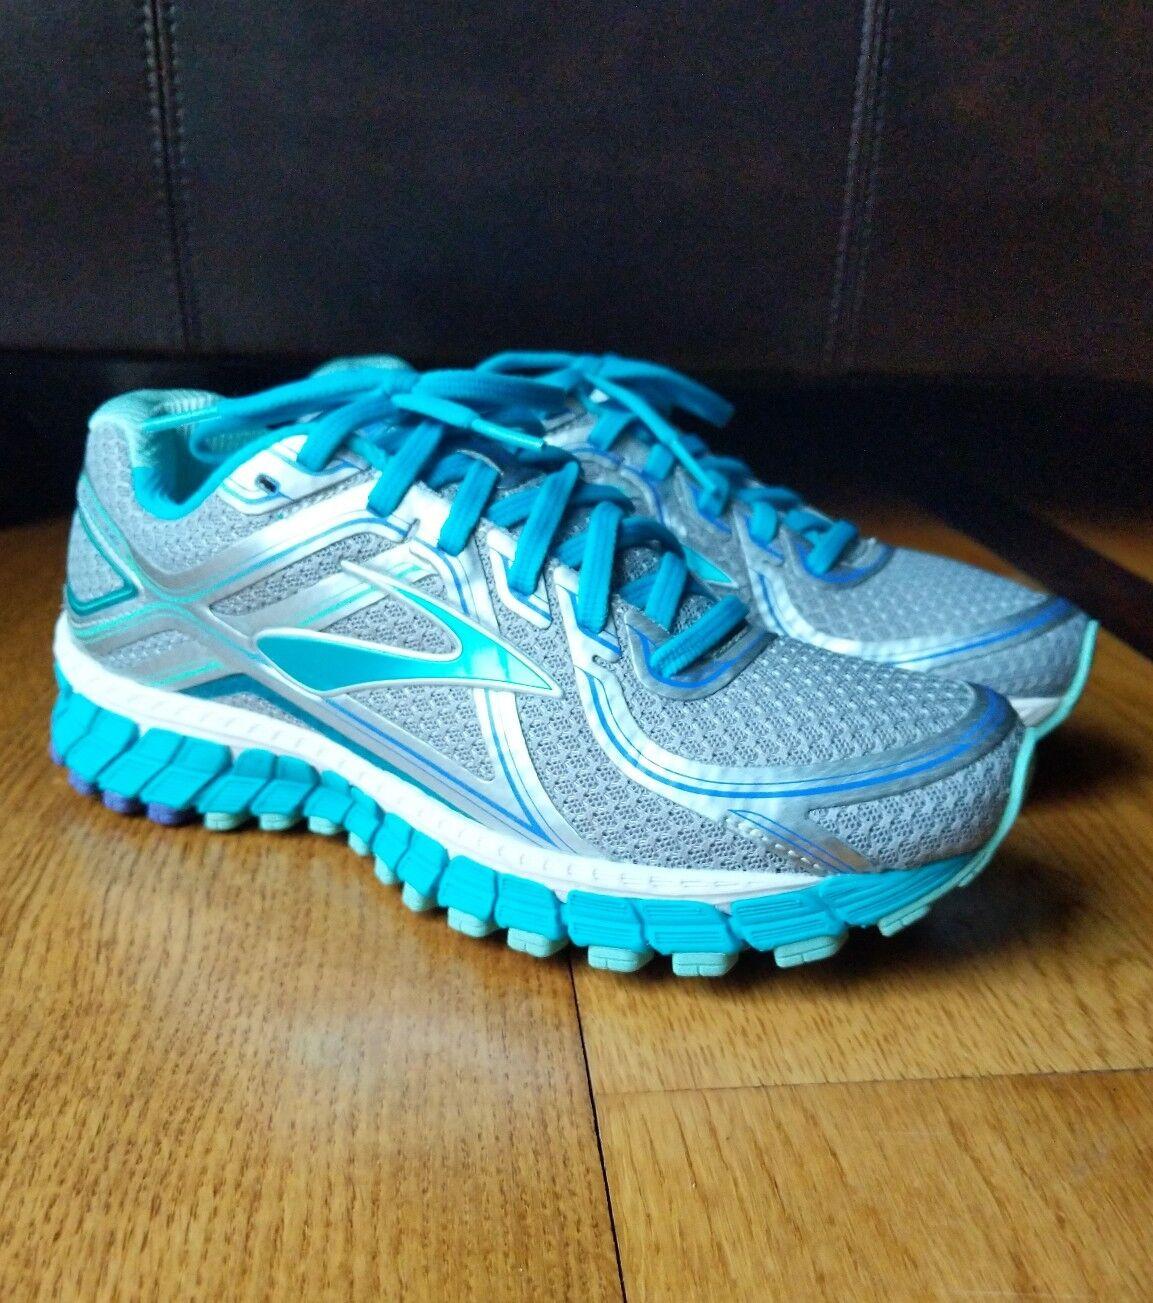 Brooks Damenschuhe Adrenaline GTS-16 Sneaker Silver/Blaubird SIZE 7 NARROW (2A)